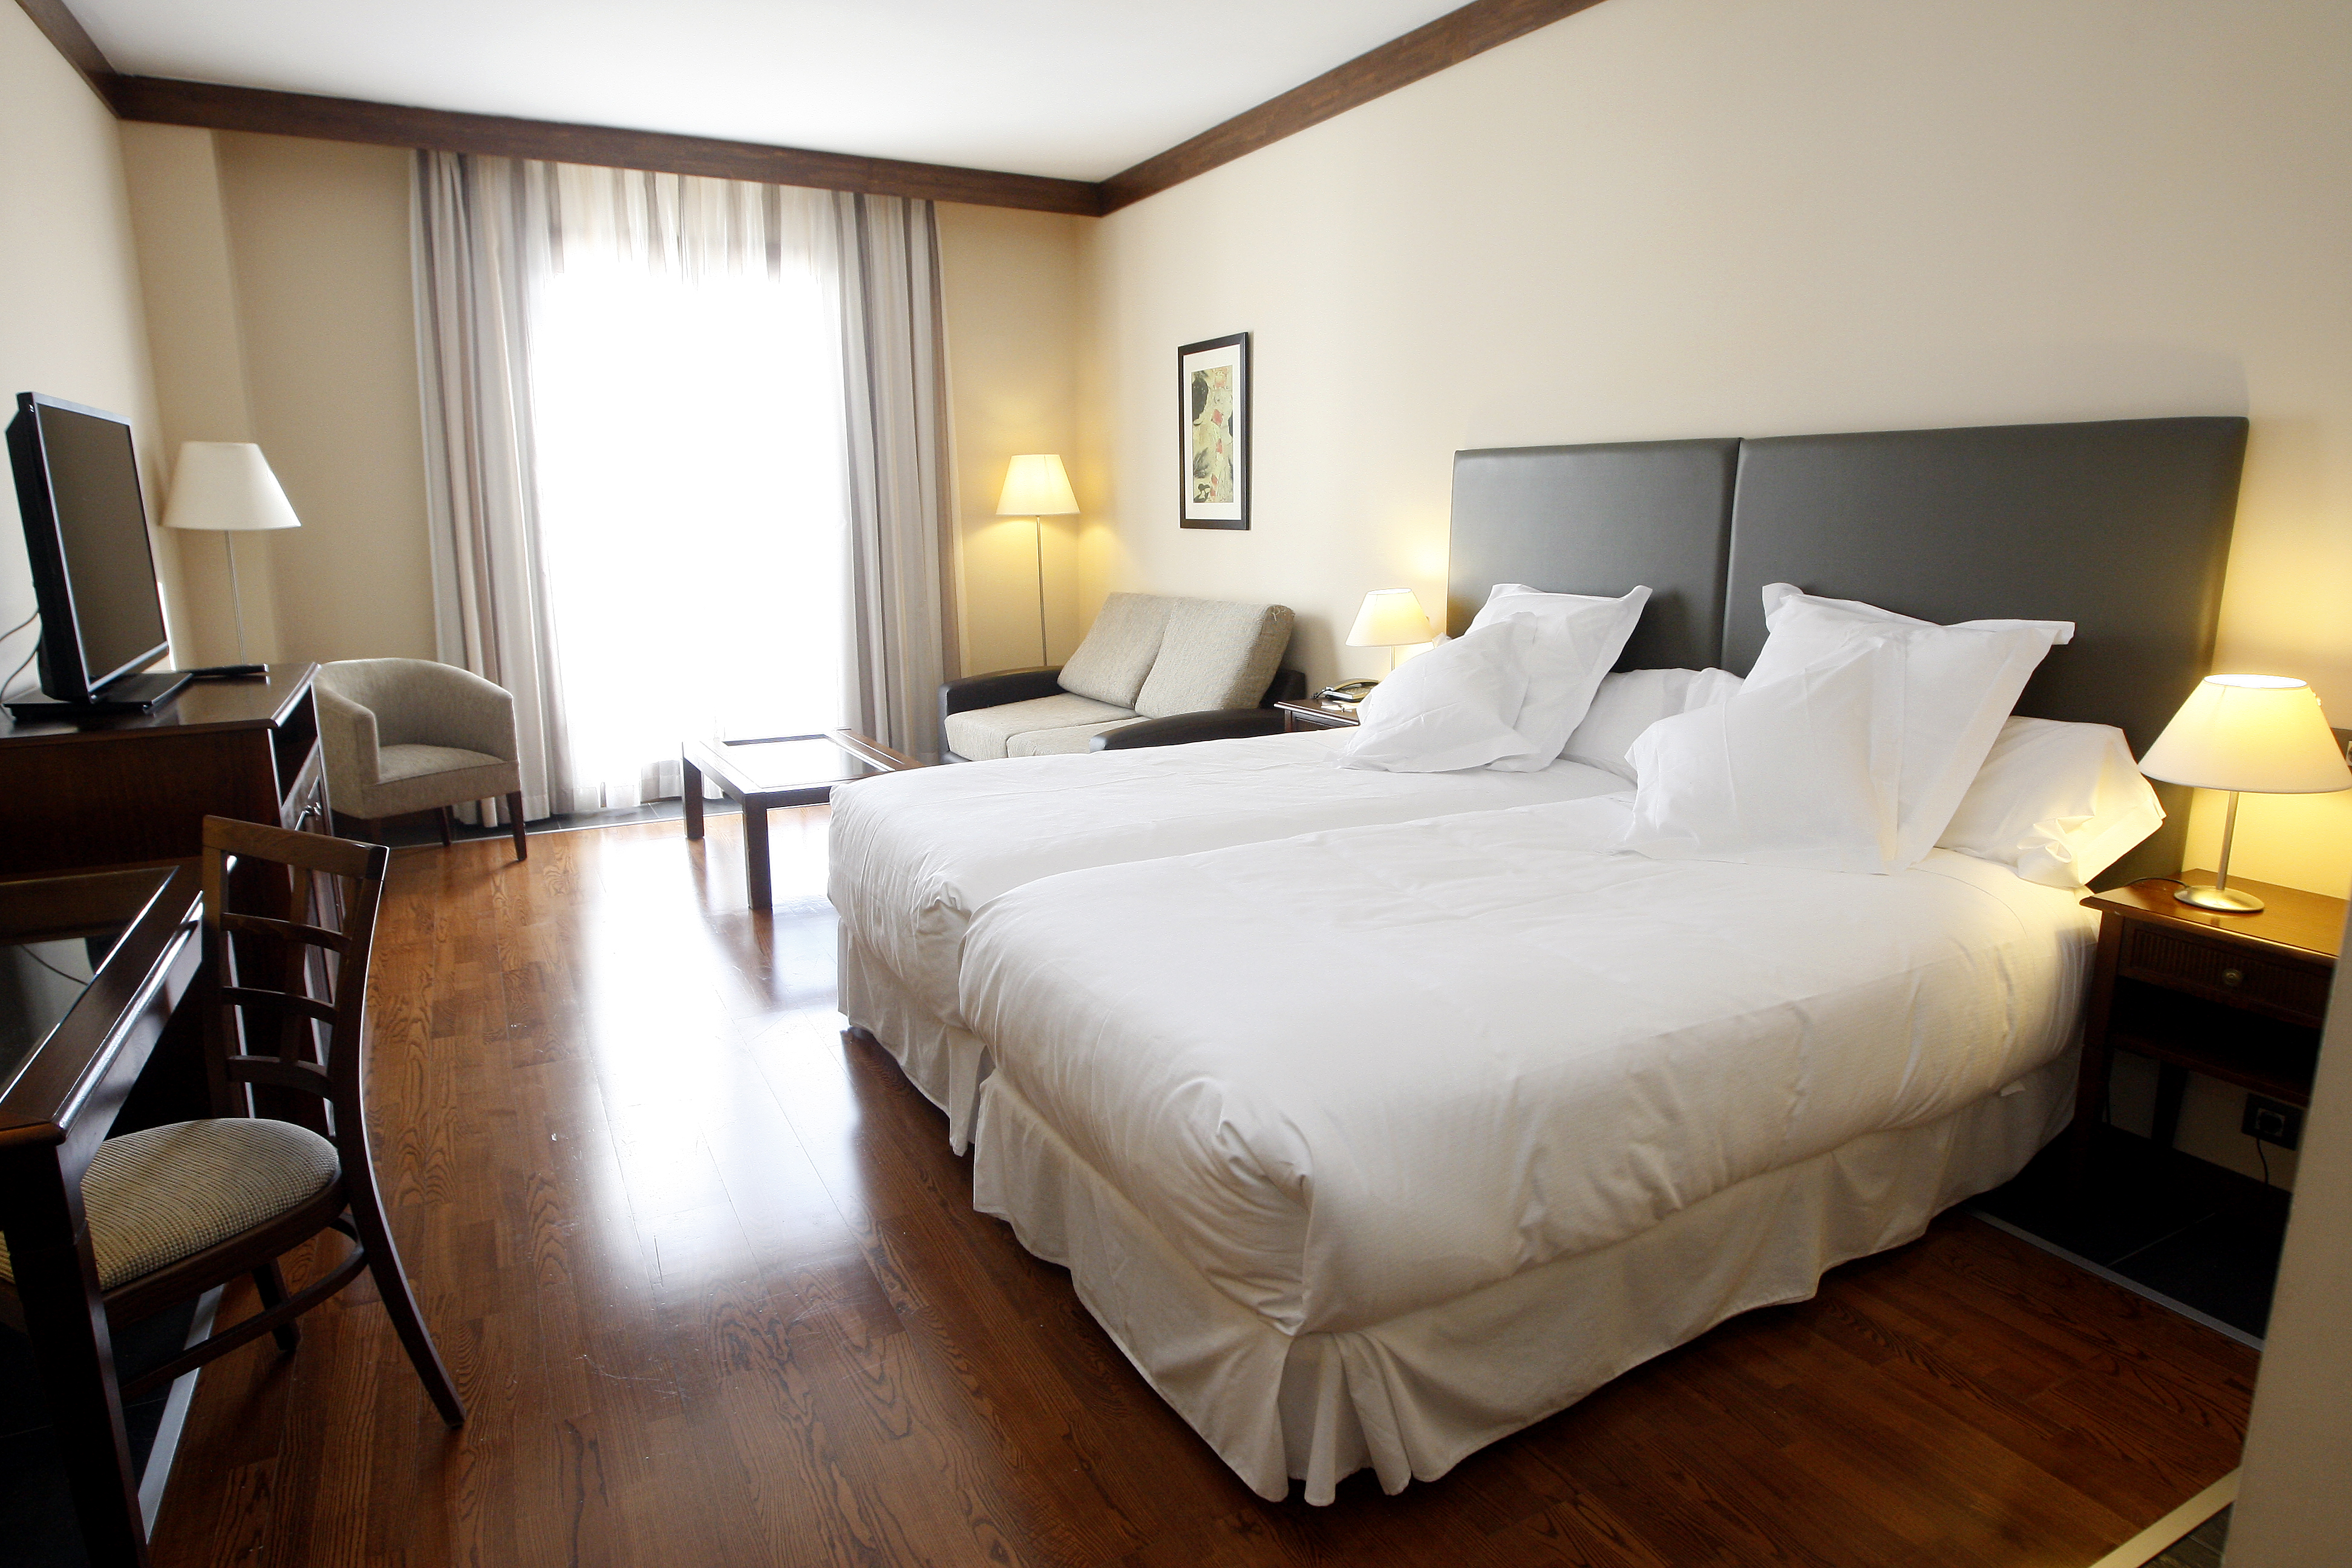 Hotel golf spa real badagu s hotel en jaca for Hotel spa familiar